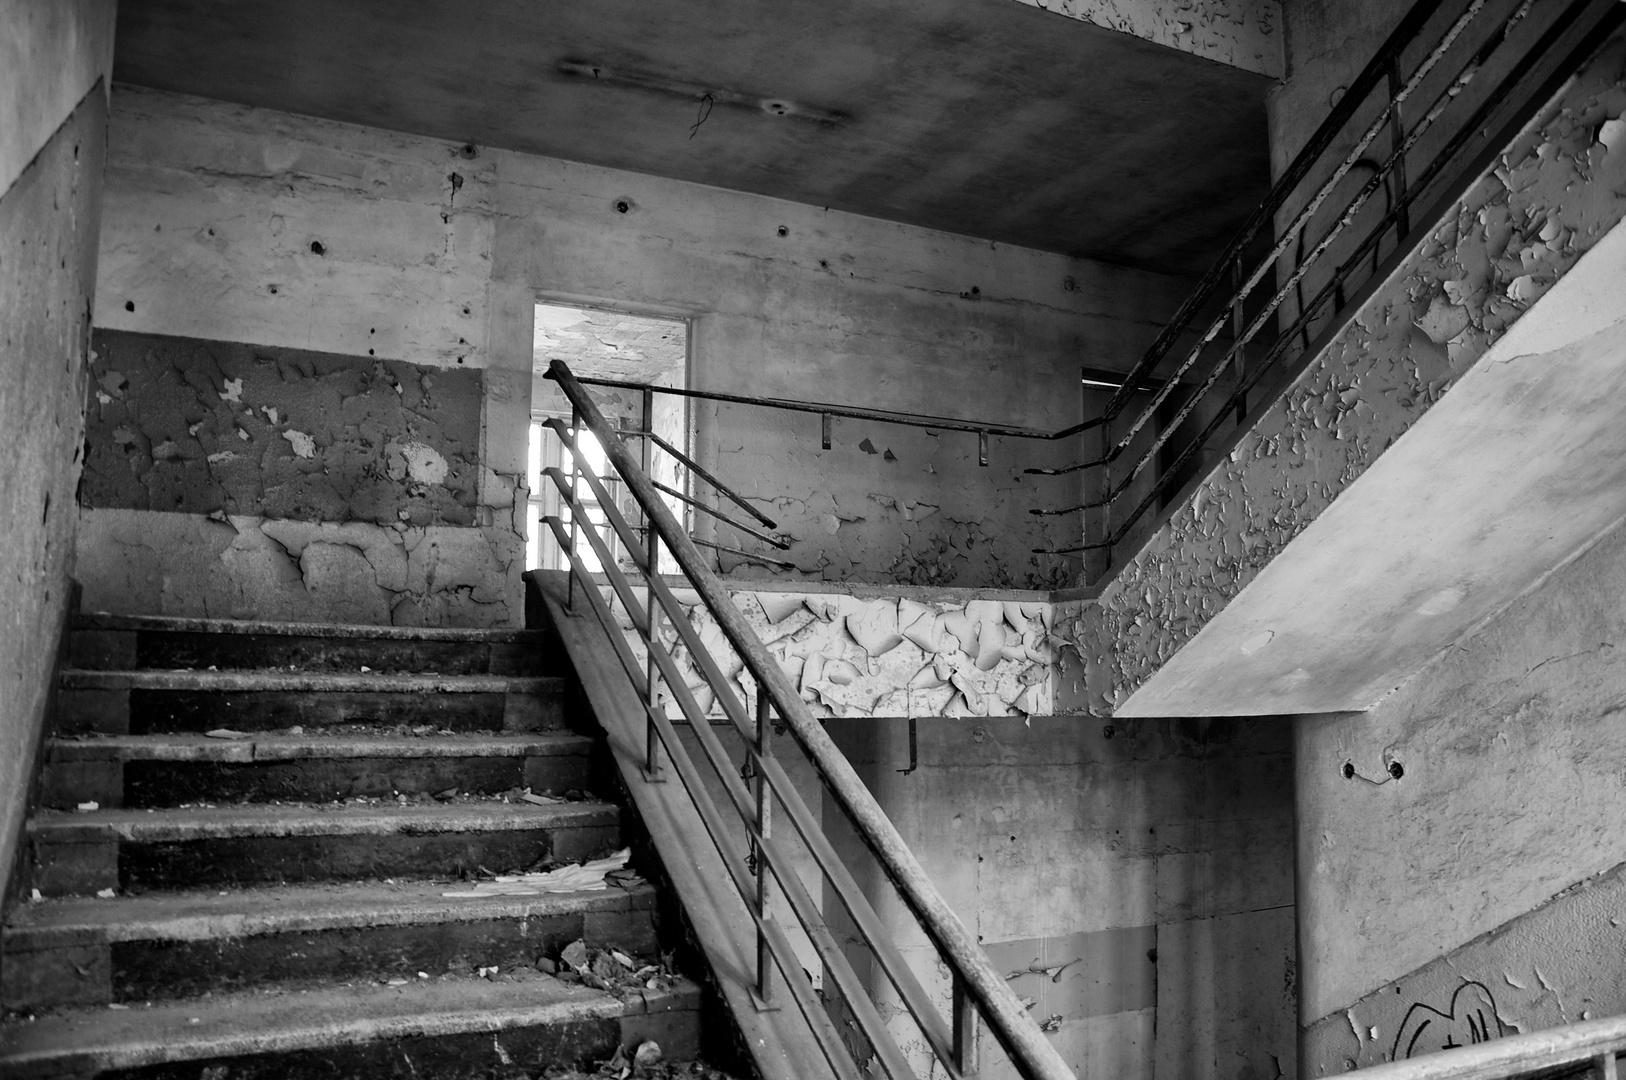 Verfall und die Stufen